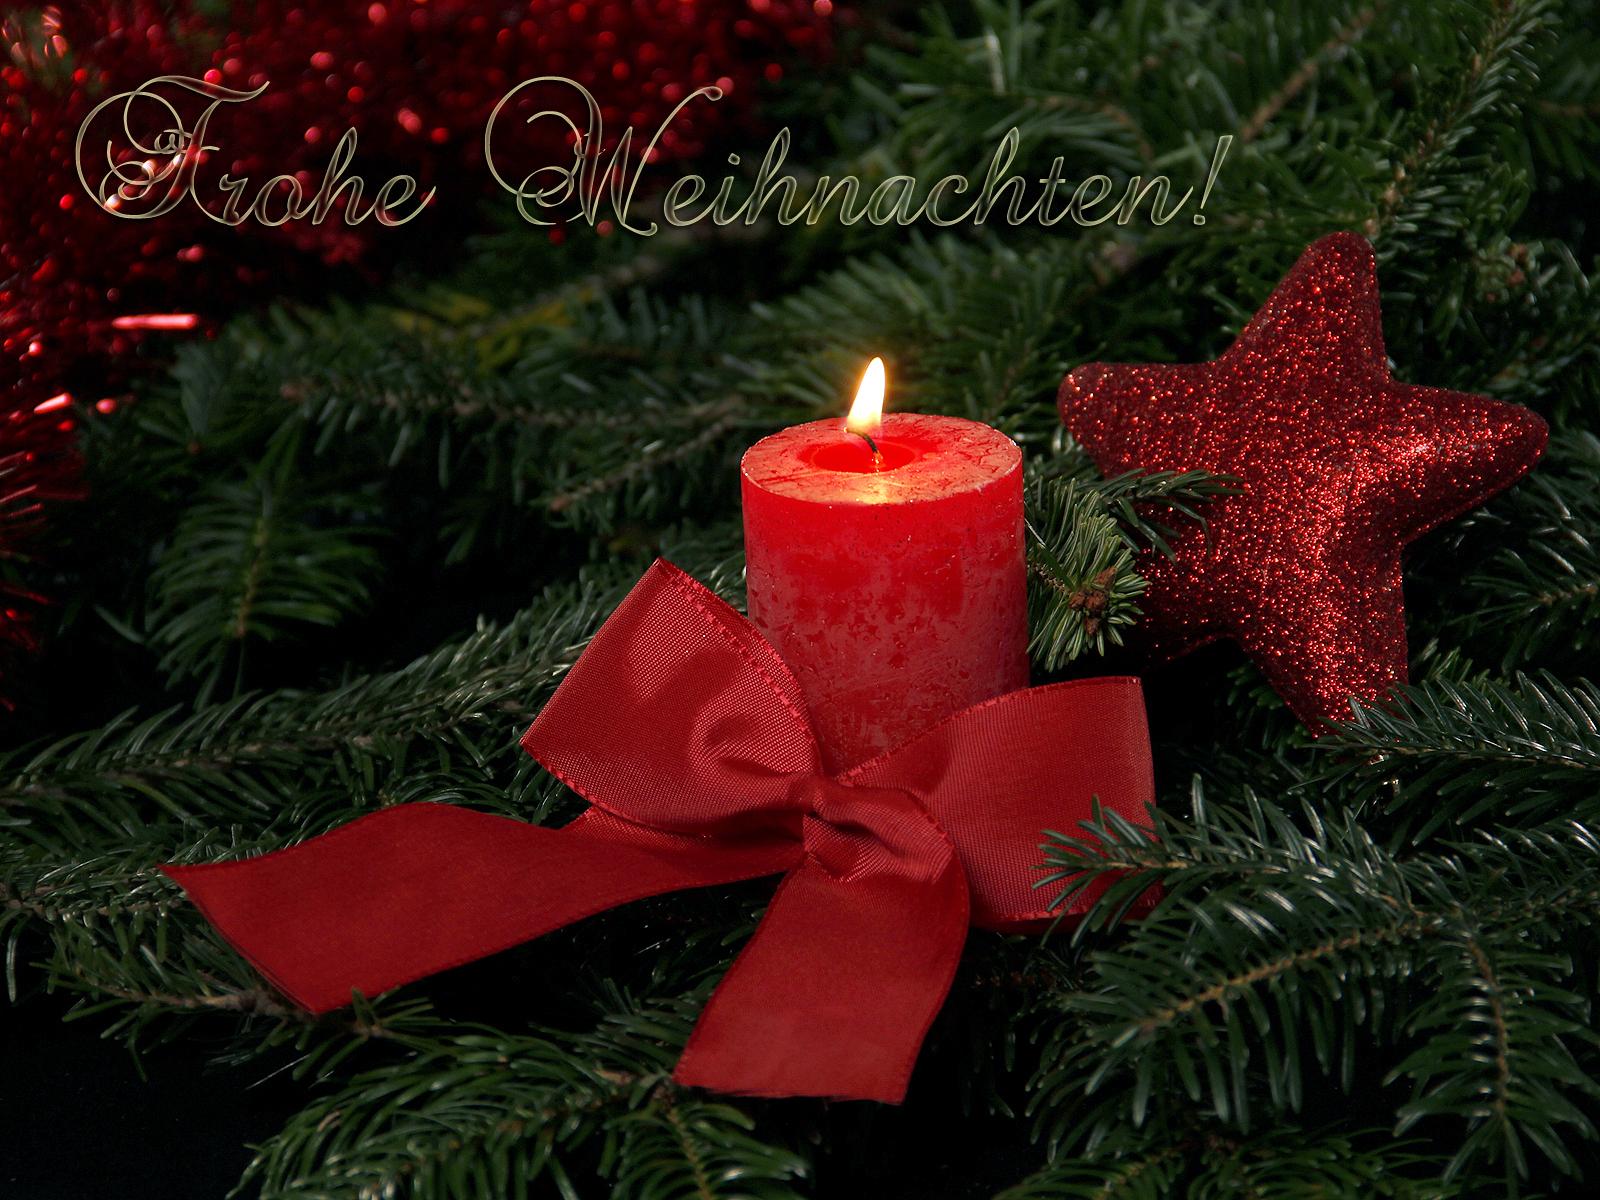 Frohe Weihnachten – Hintergrundbilder Kostenlos innen Weihnachtsbilder Fröhliche Weihnachten